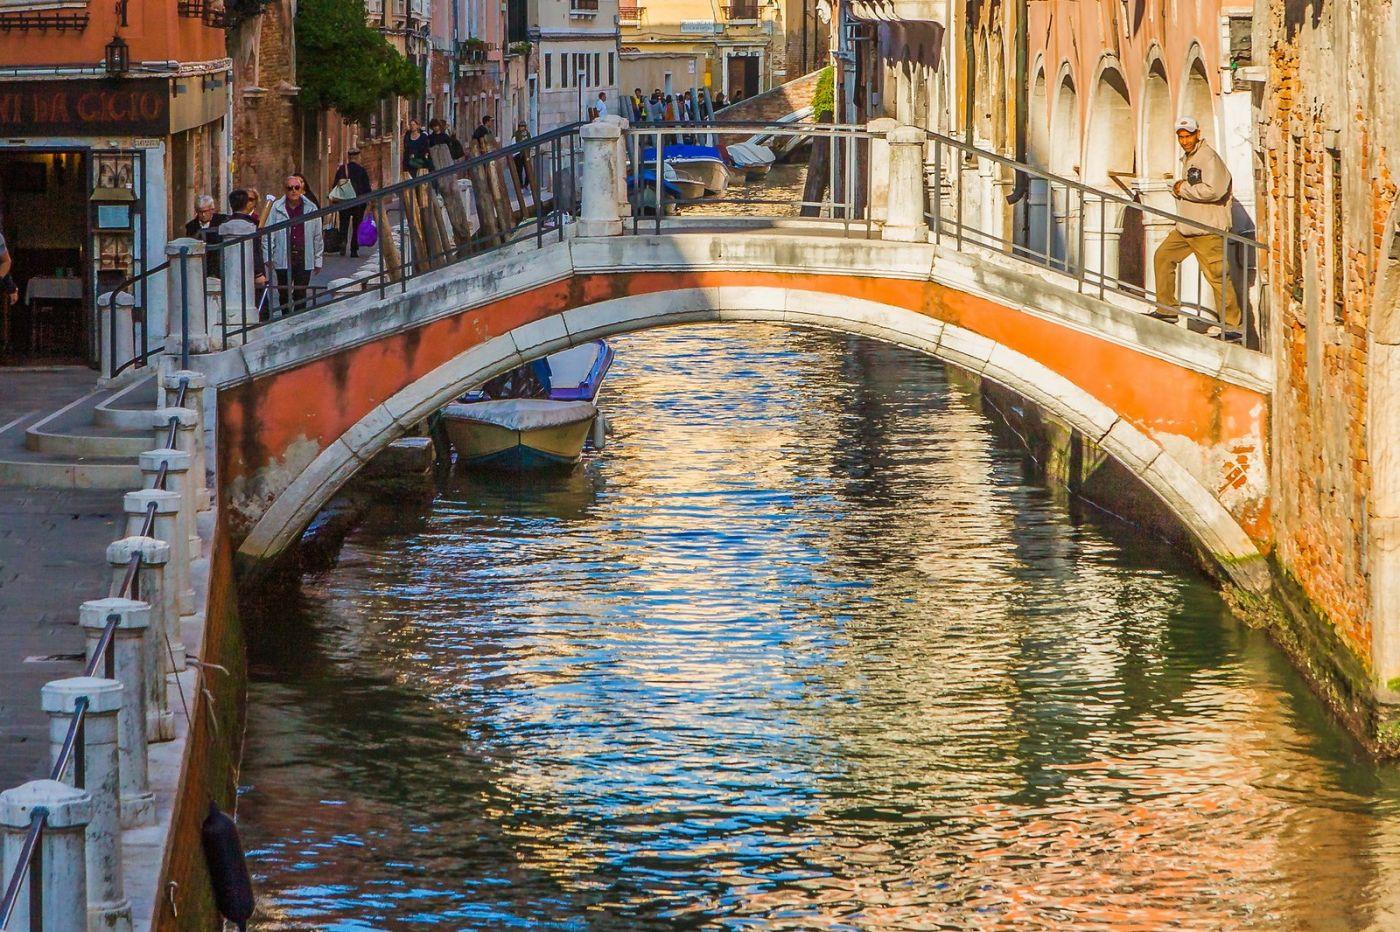 意大利威尼斯,桥的艺术_图1-3